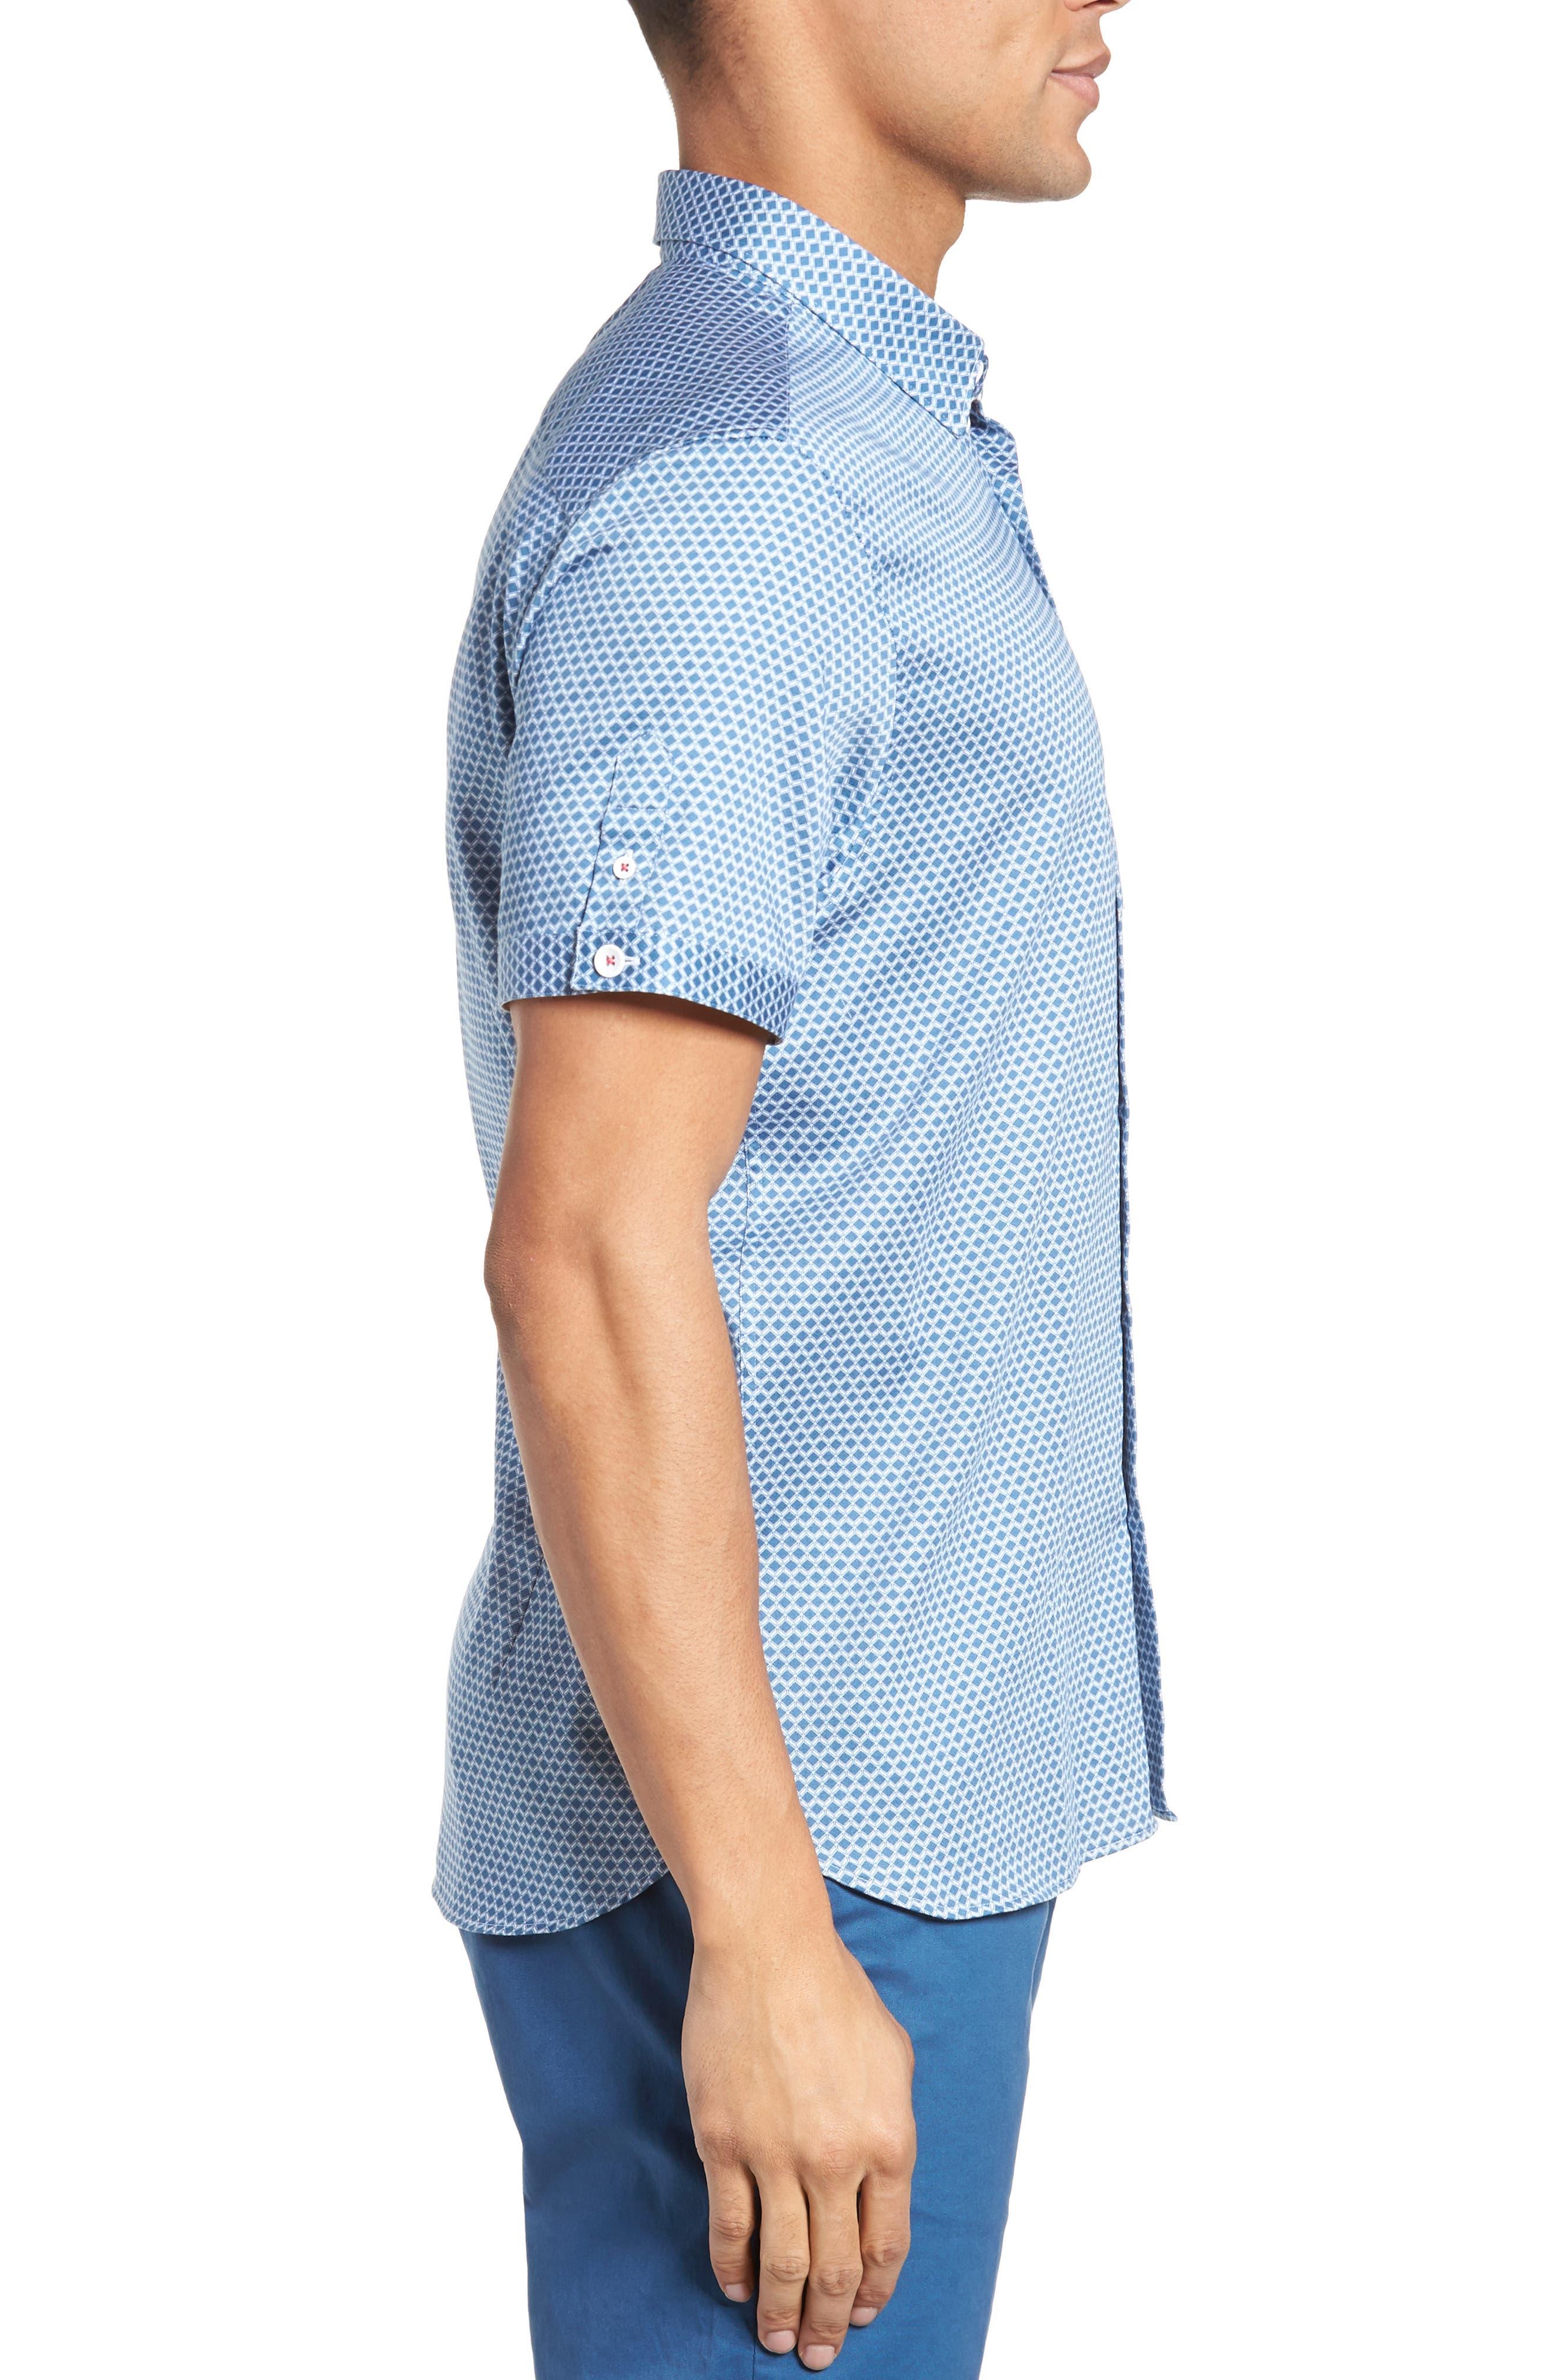 Gudvutt Short Sleeve Sport Shirt,                             Alternate thumbnail 3, color,                             400